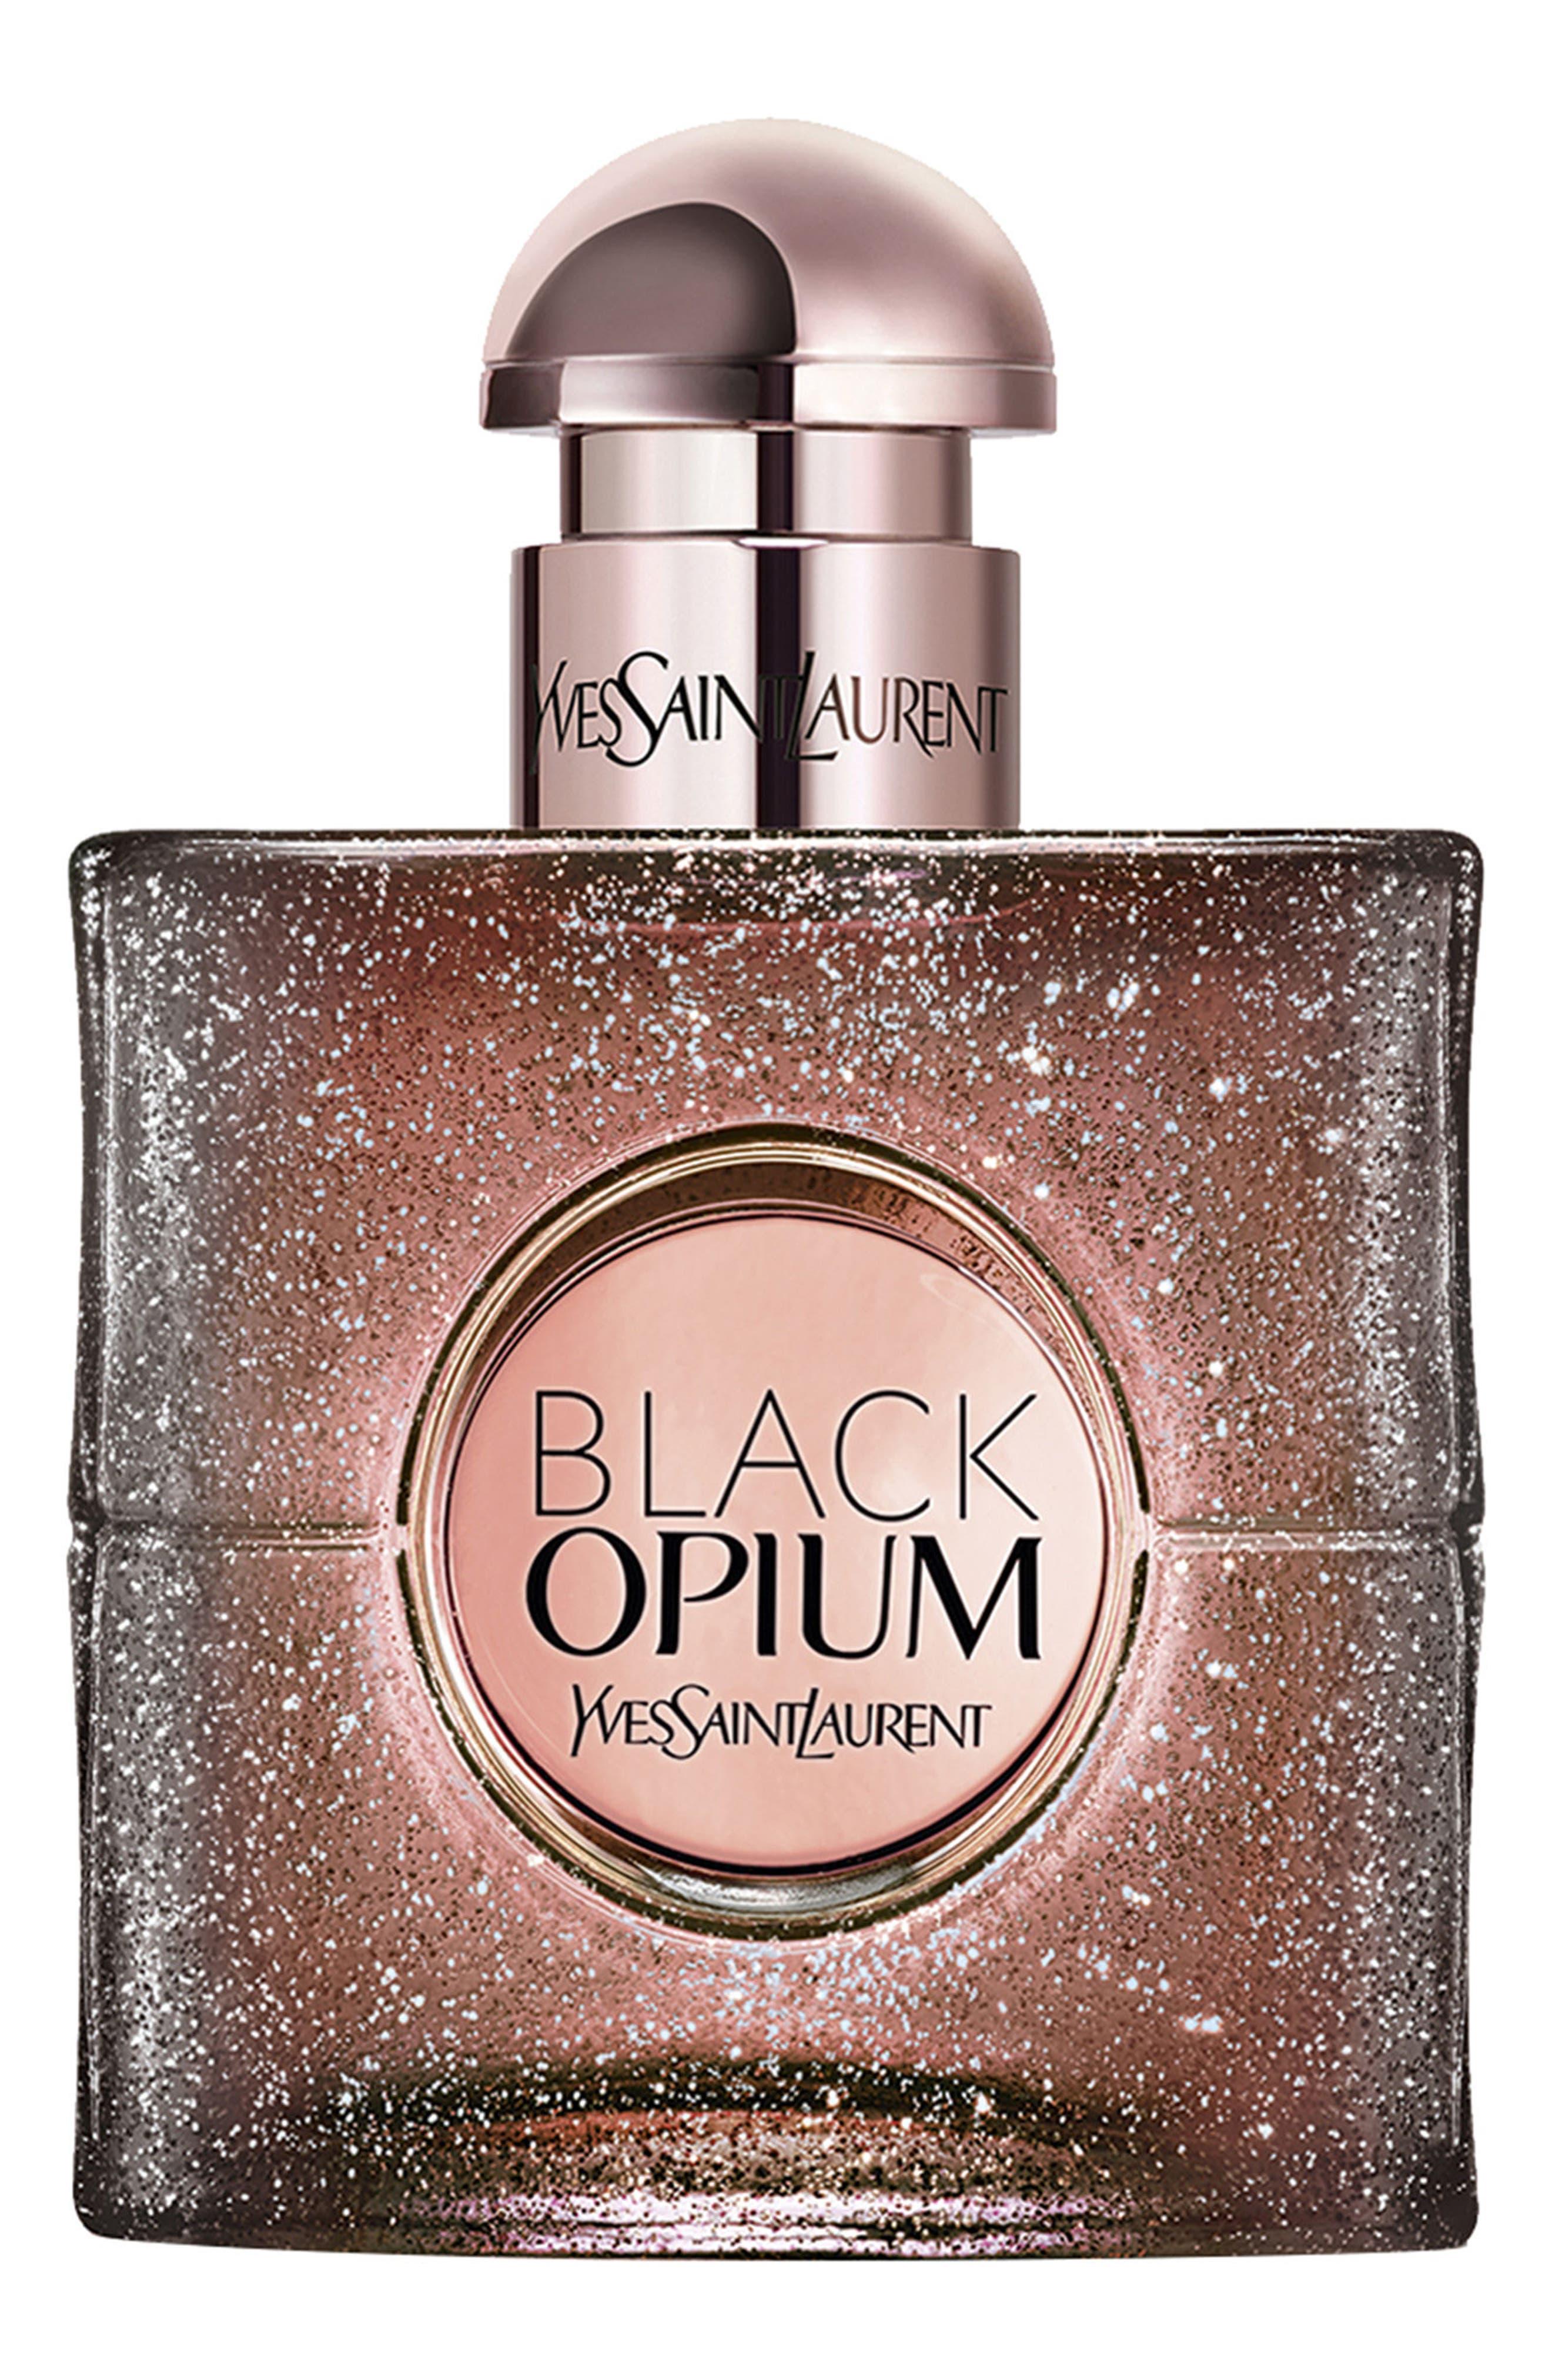 YVES SAINT LAURENT, Black Opium Hair Mist, Main thumbnail 1, color, NO COLOR